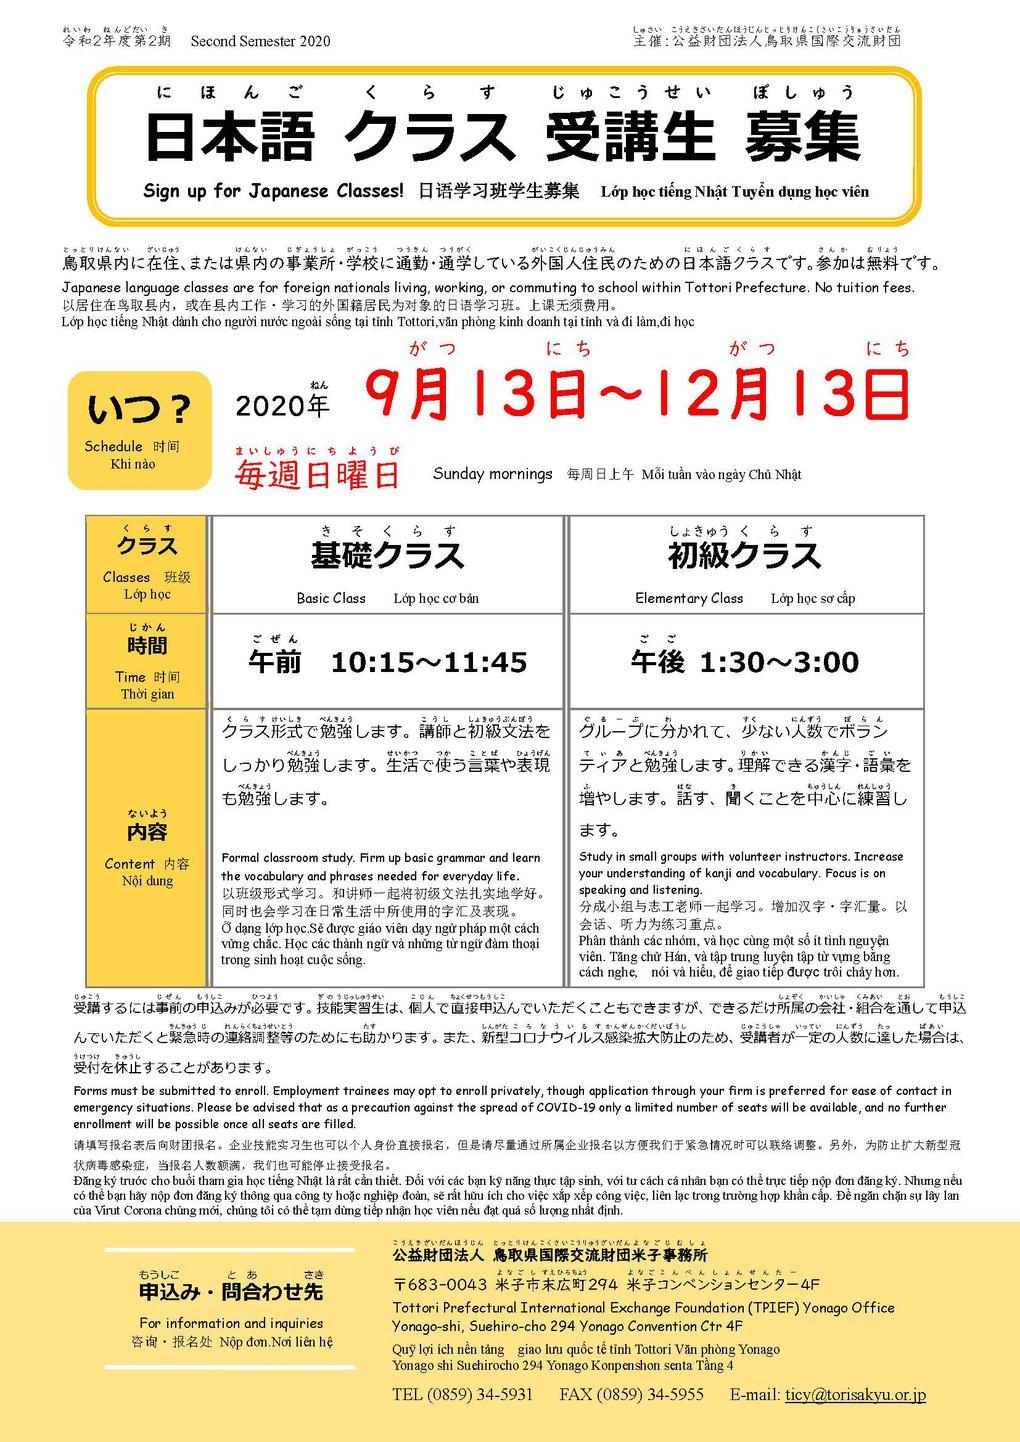 2020.2nd West. Japanese class flyer1.jpg